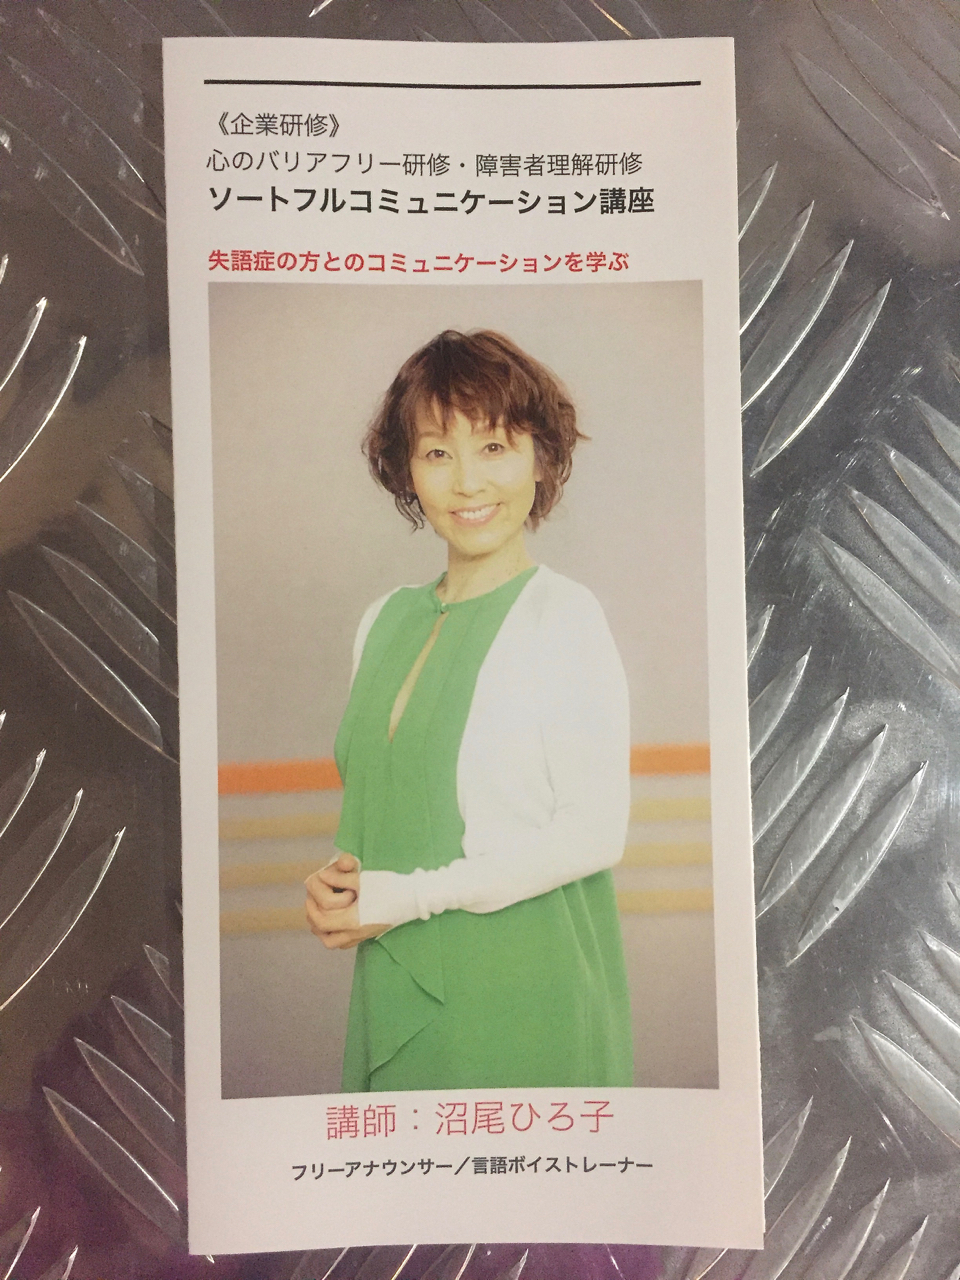 沼尾ひろ子ブログ